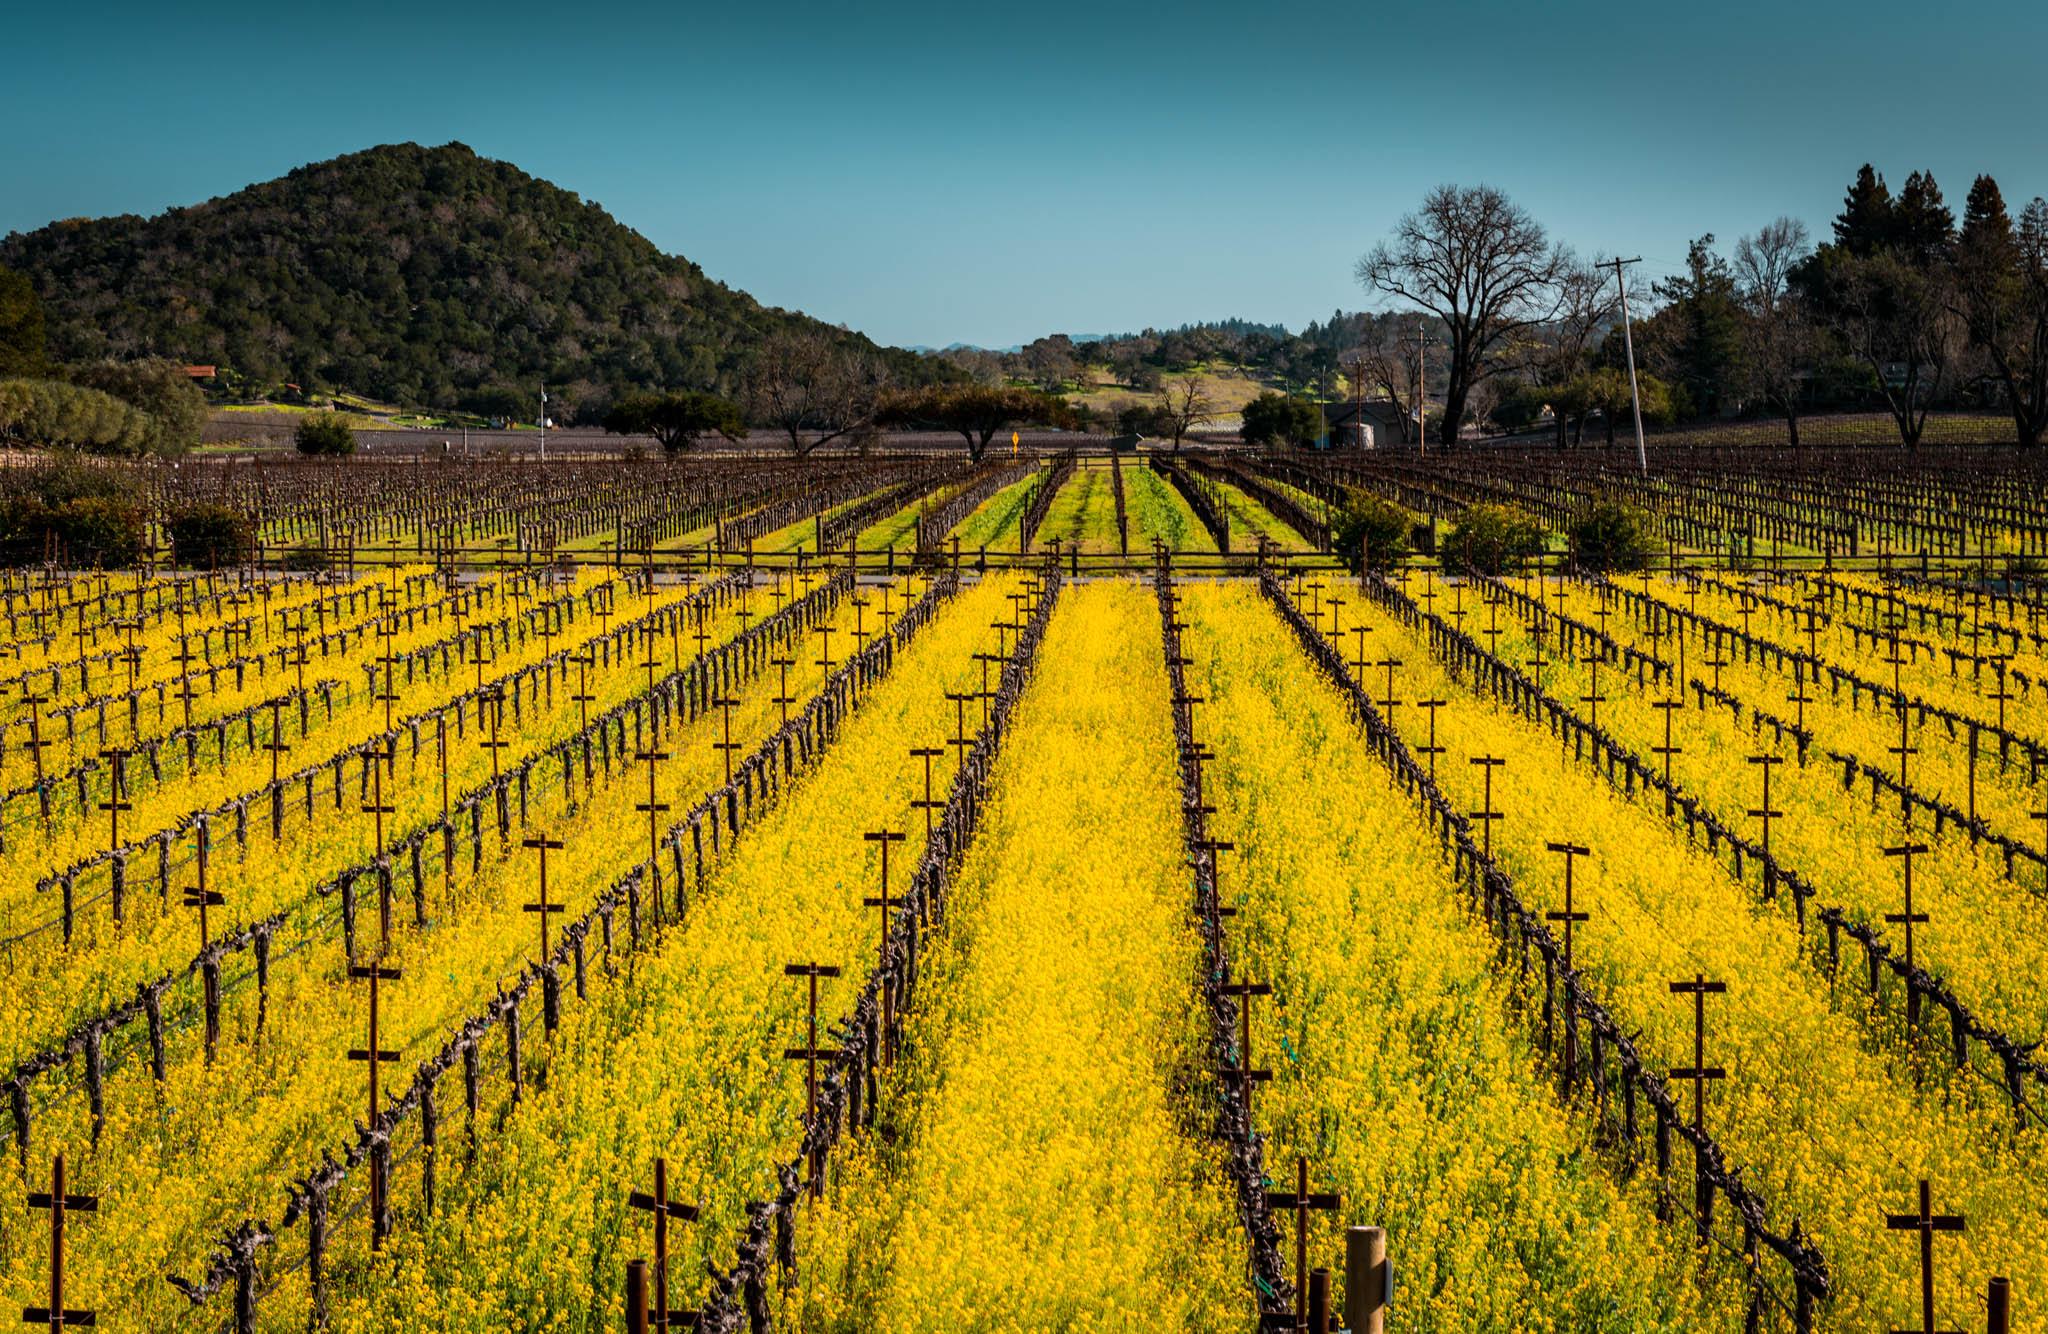 California : Napa Valley : Plumpjack's vineyard in Oakville